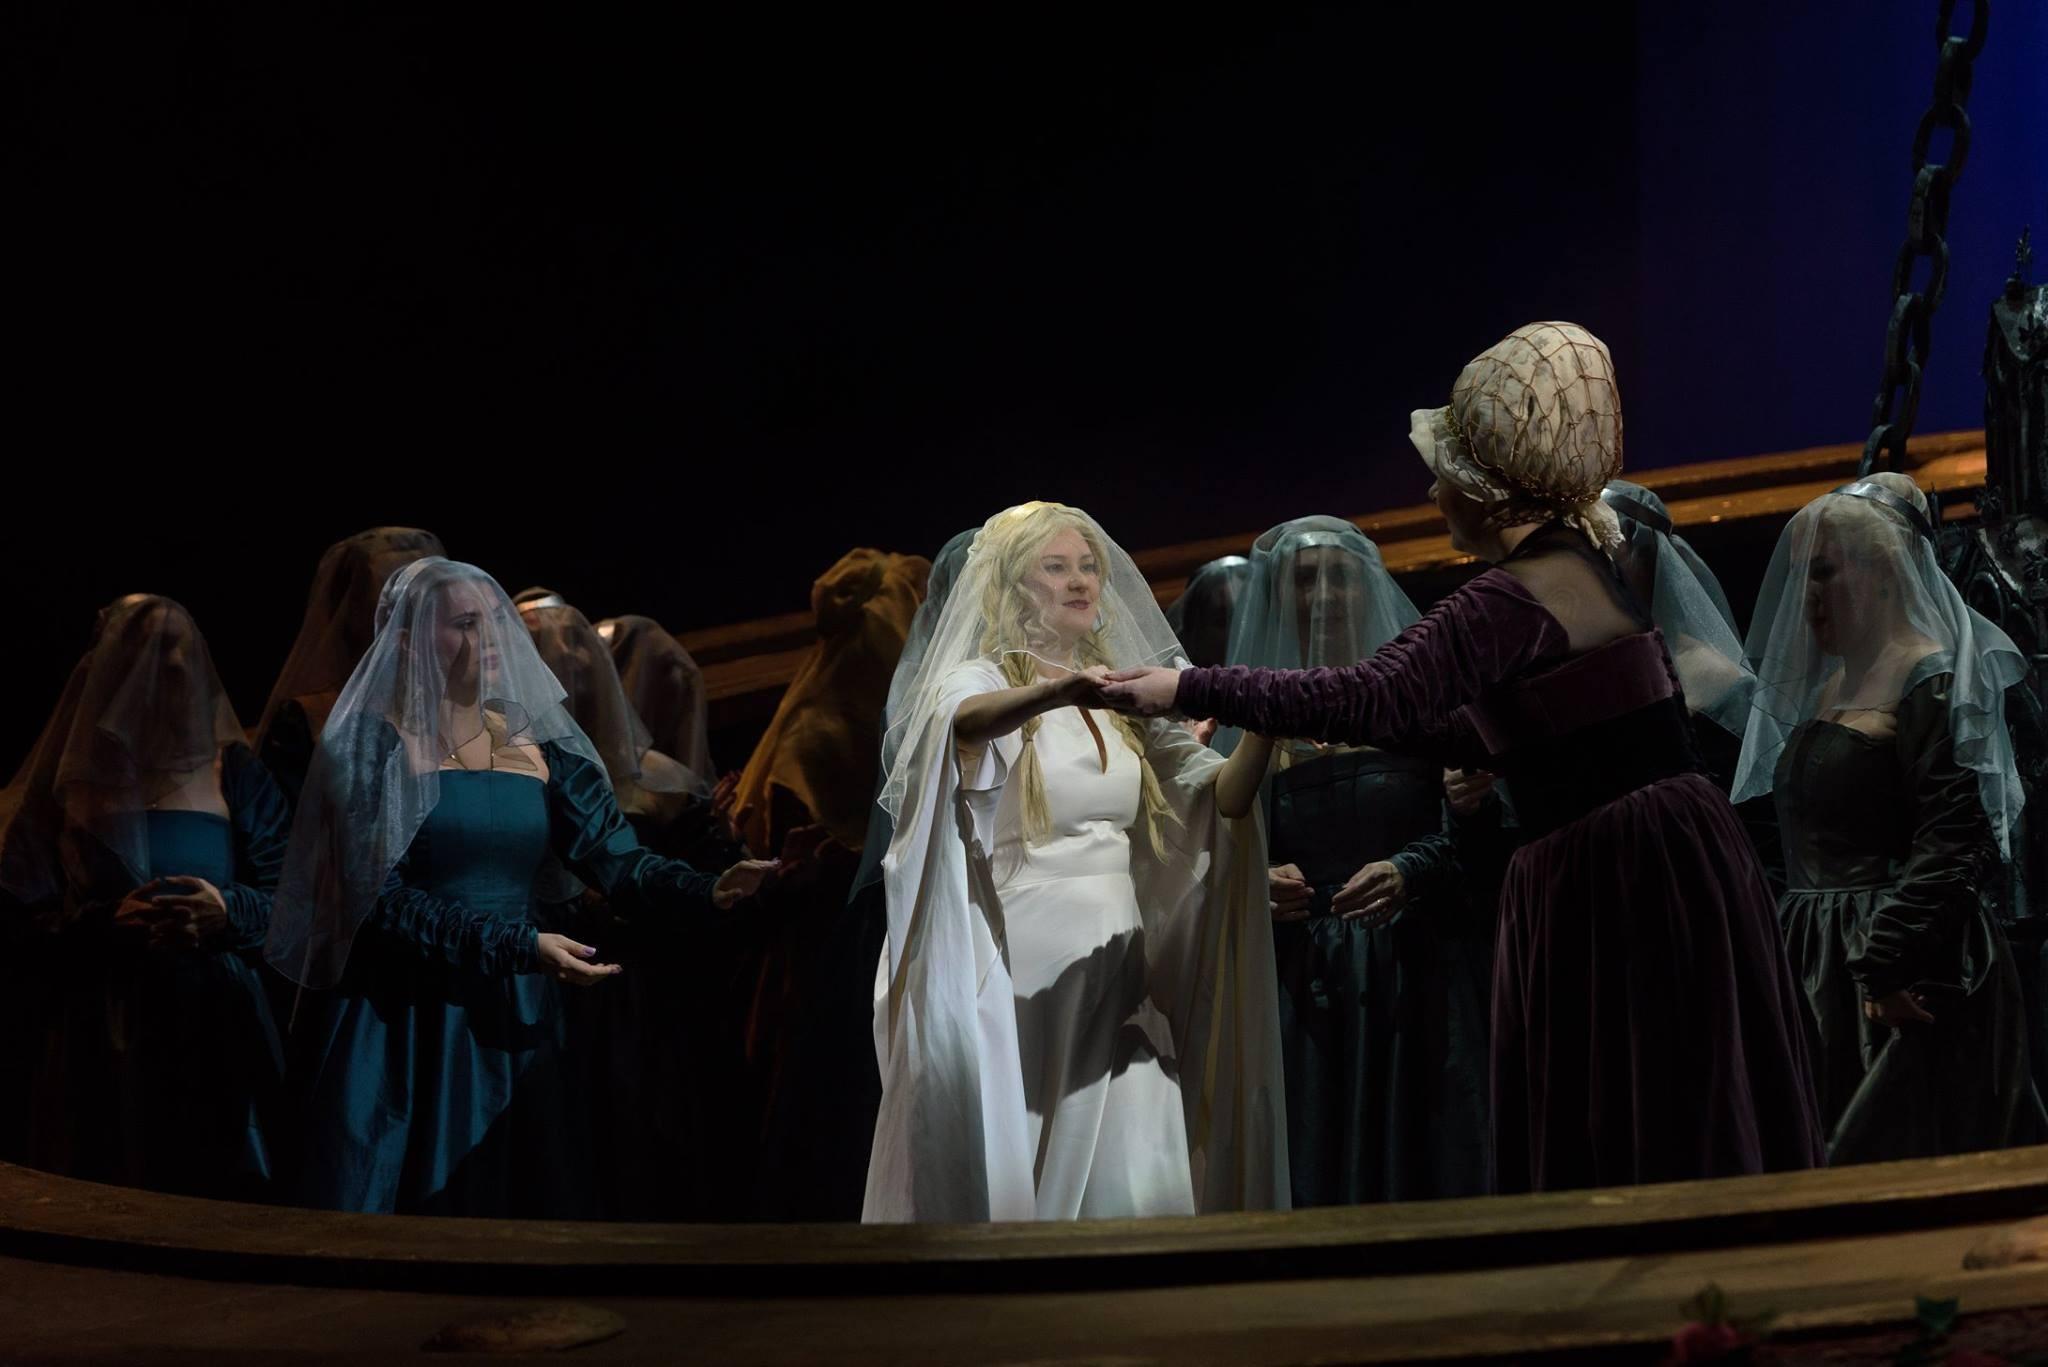 Лирическая опера «Иоланта» на сцене  Большого зала